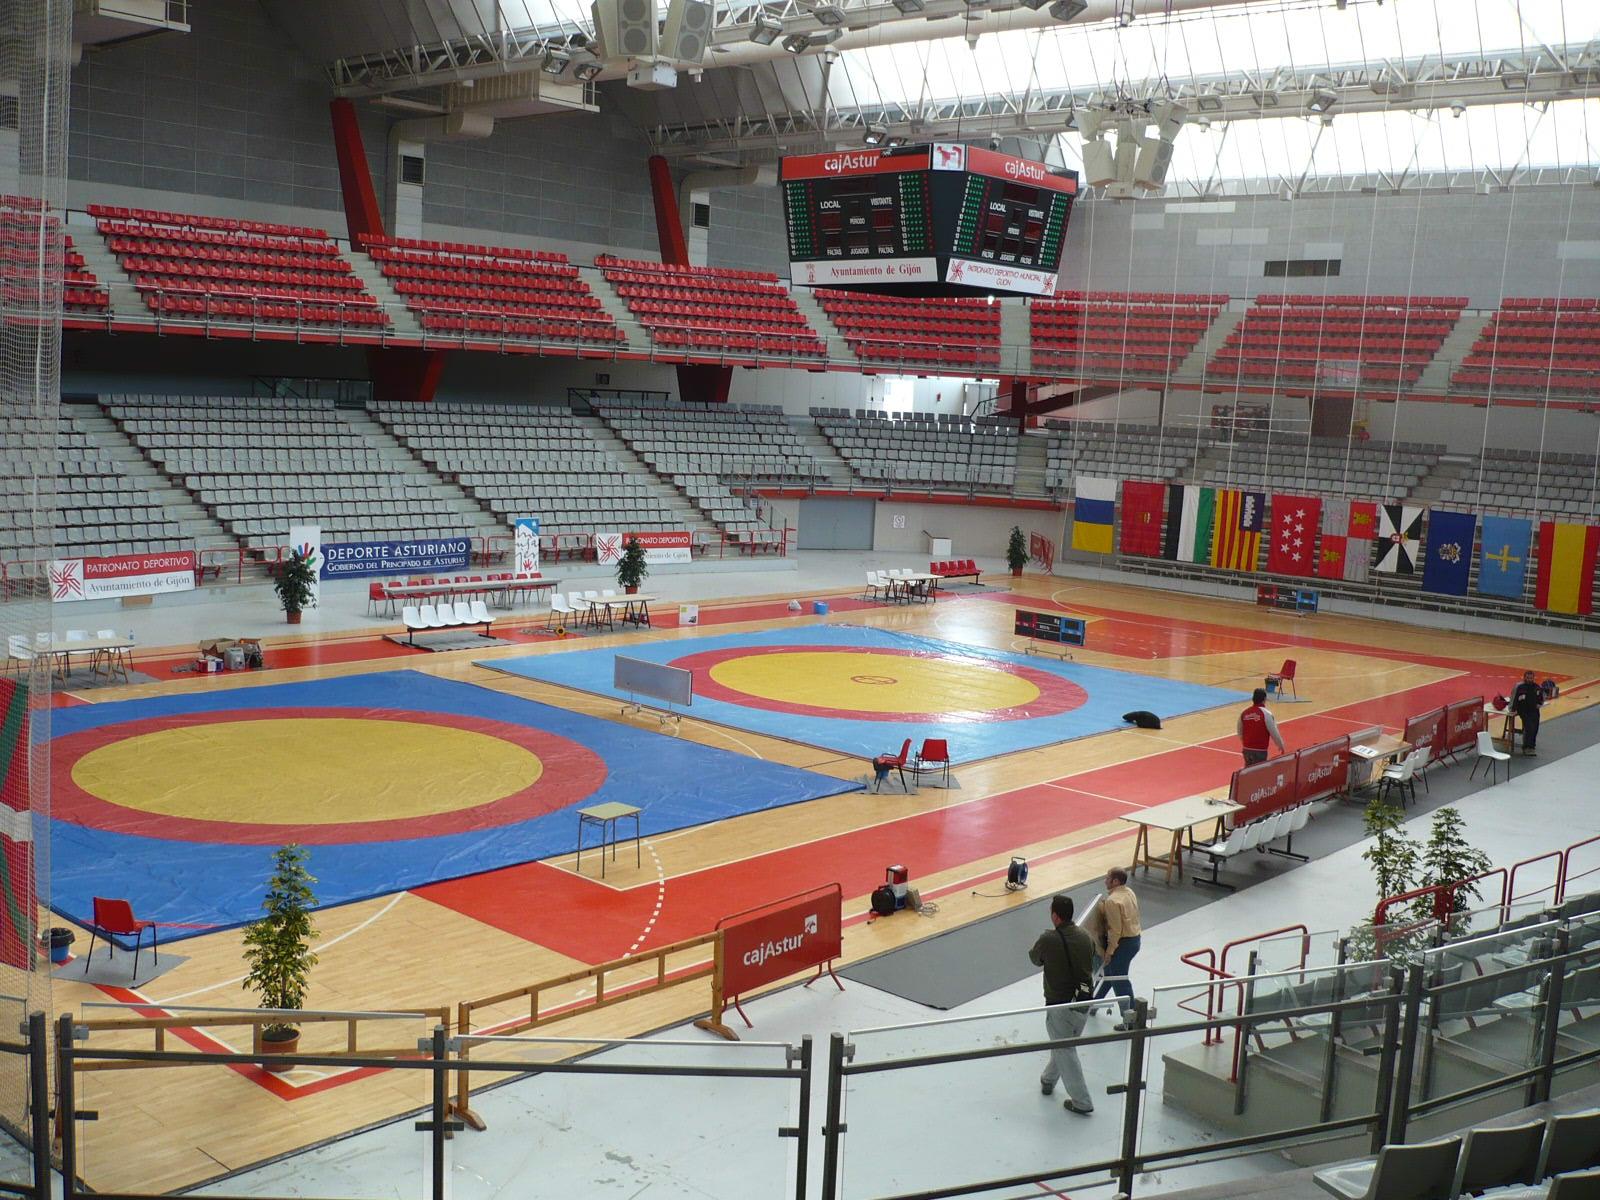 Palacio de deportes de Gijón